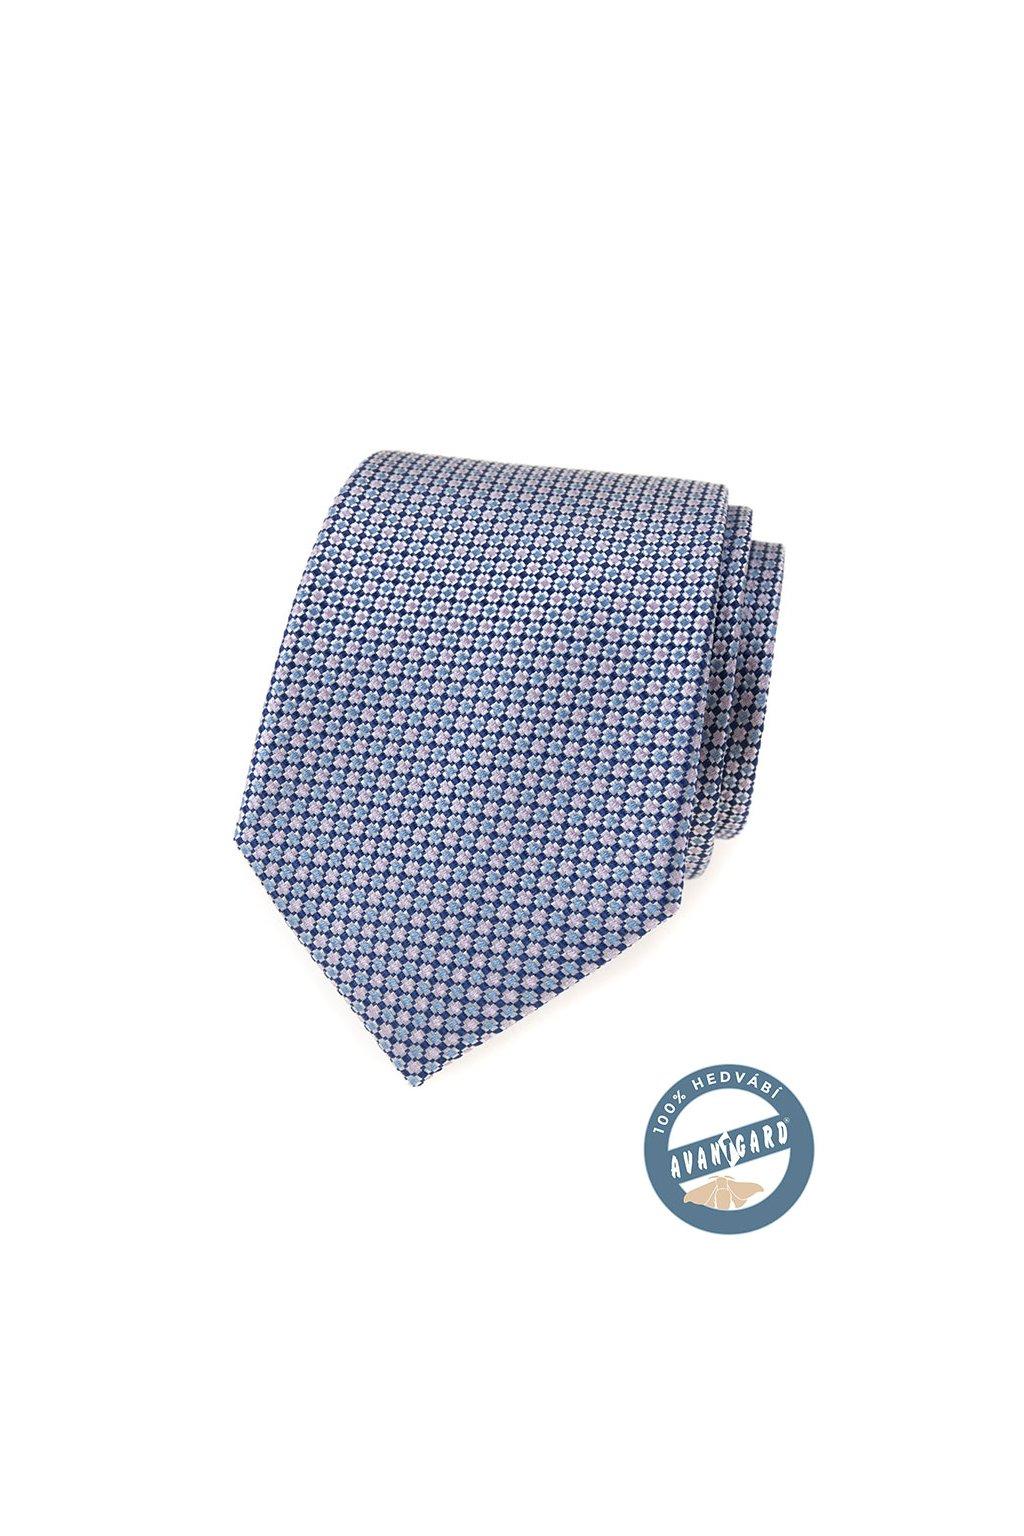 Modrá hedvábná kravata se světlým vzorkem 621 - 7743